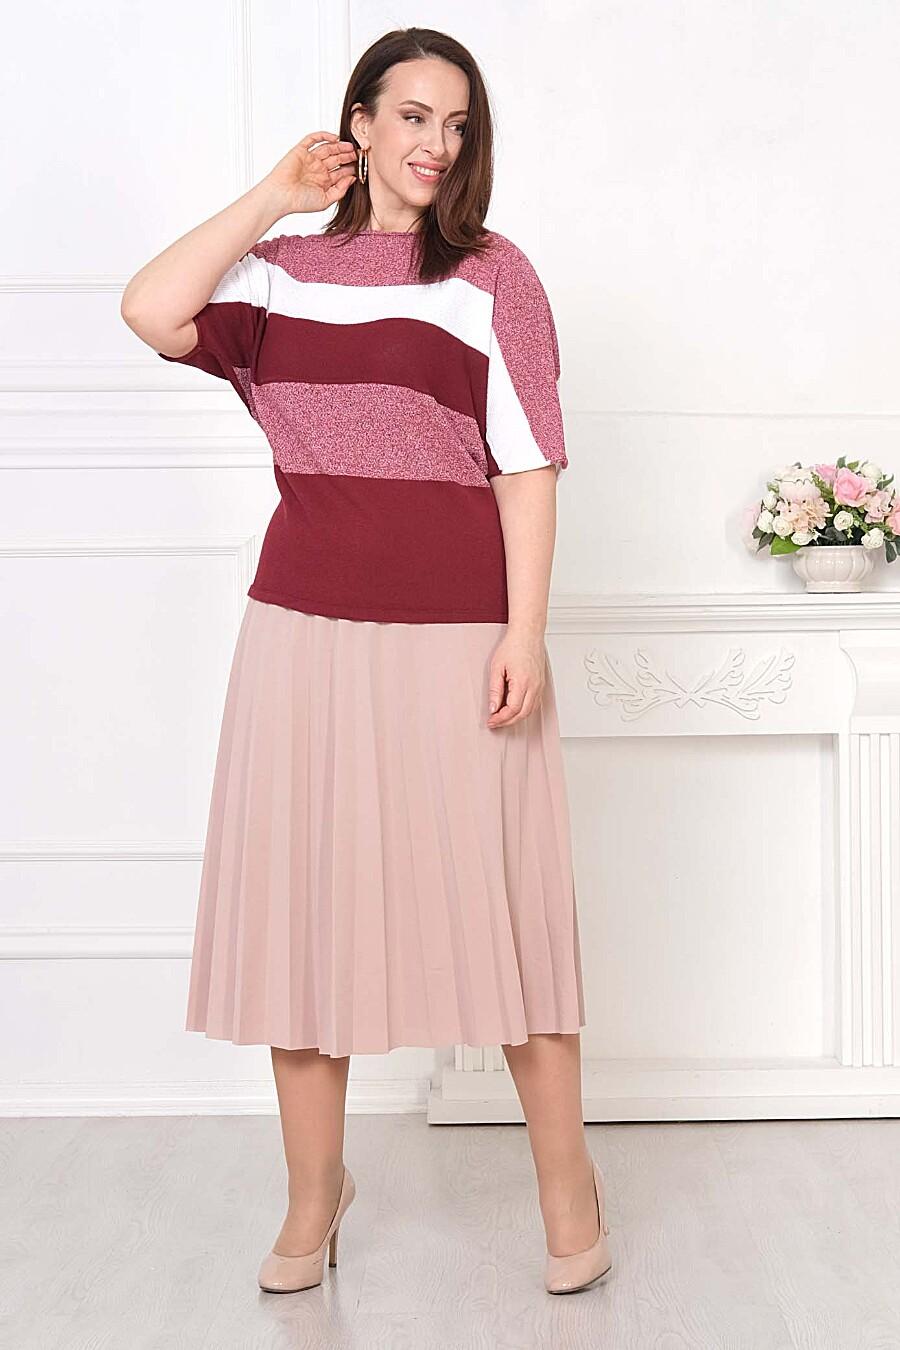 Джемпер для женщин ANKOLI 184548 купить оптом от производителя. Совместная покупка женской одежды в OptMoyo